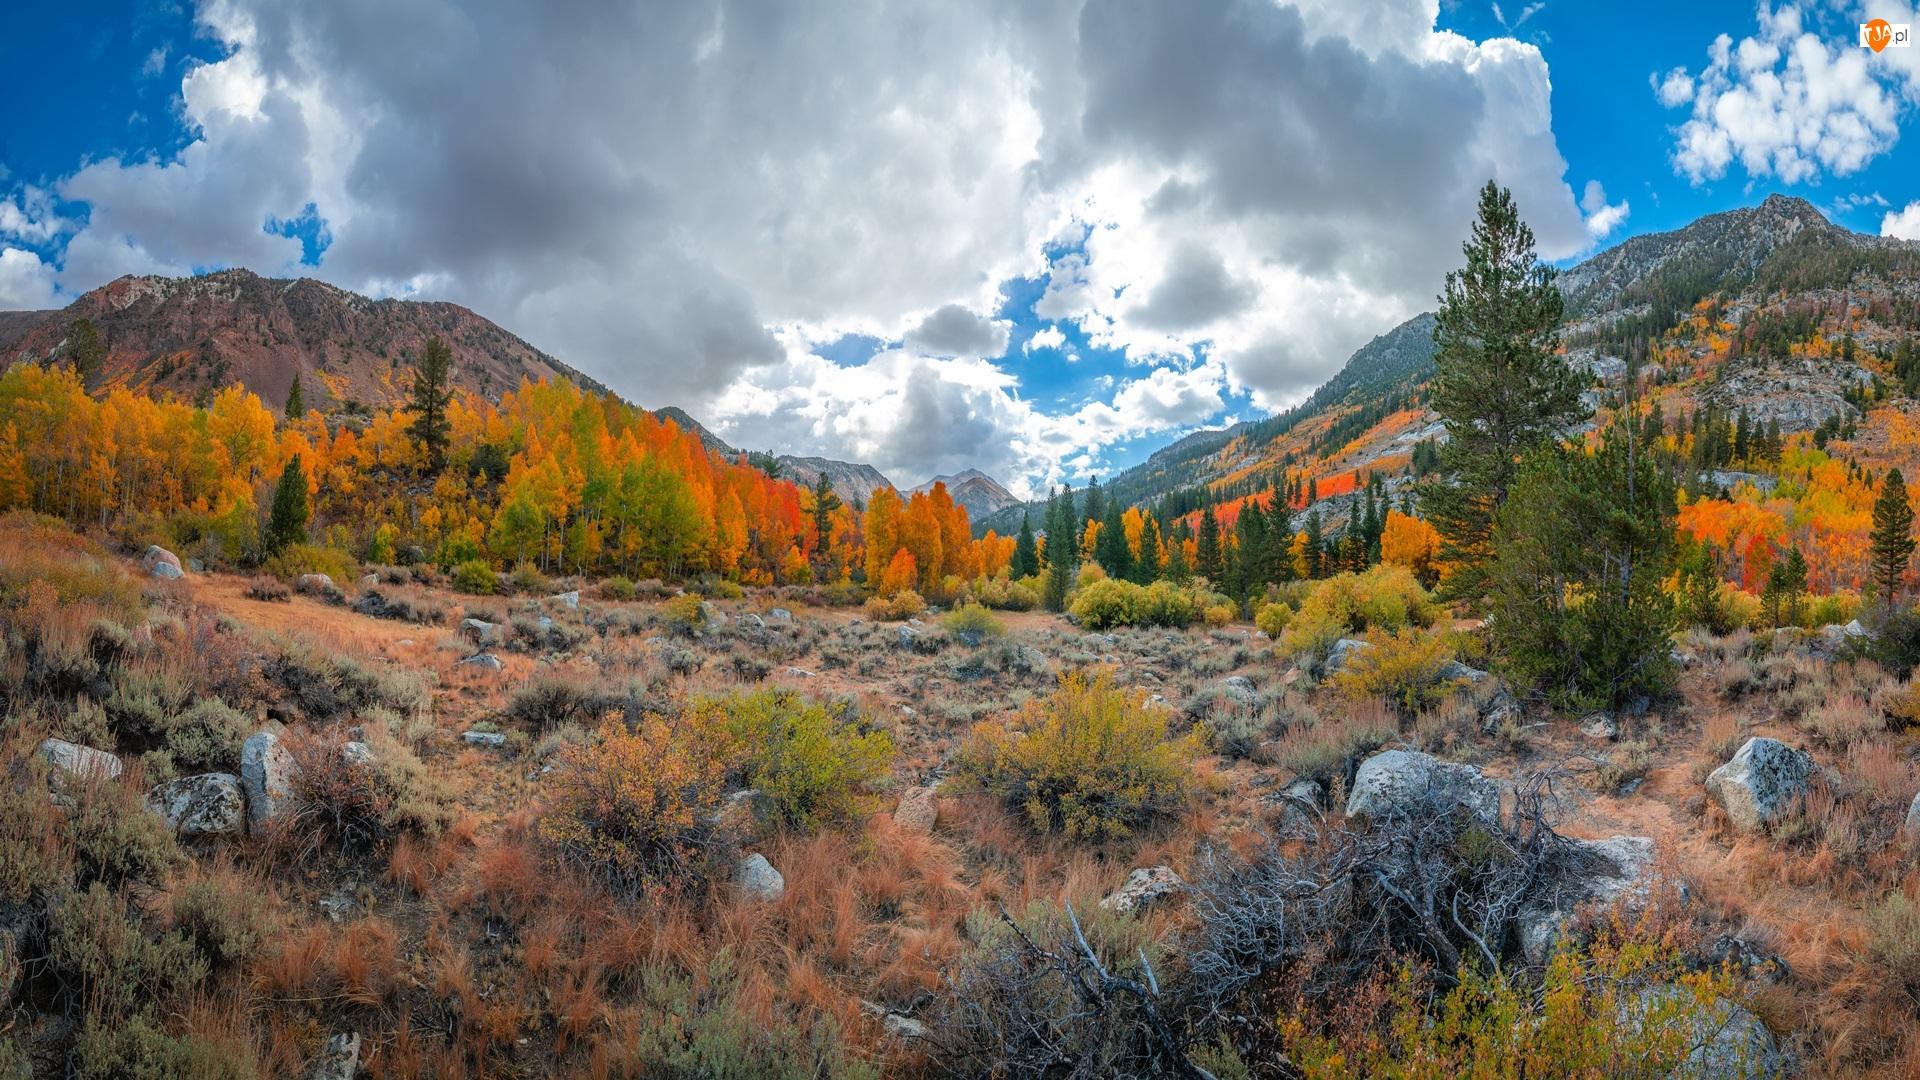 Drzewa, Góry, Kamienie, Jesień, Krzewy, Chmury